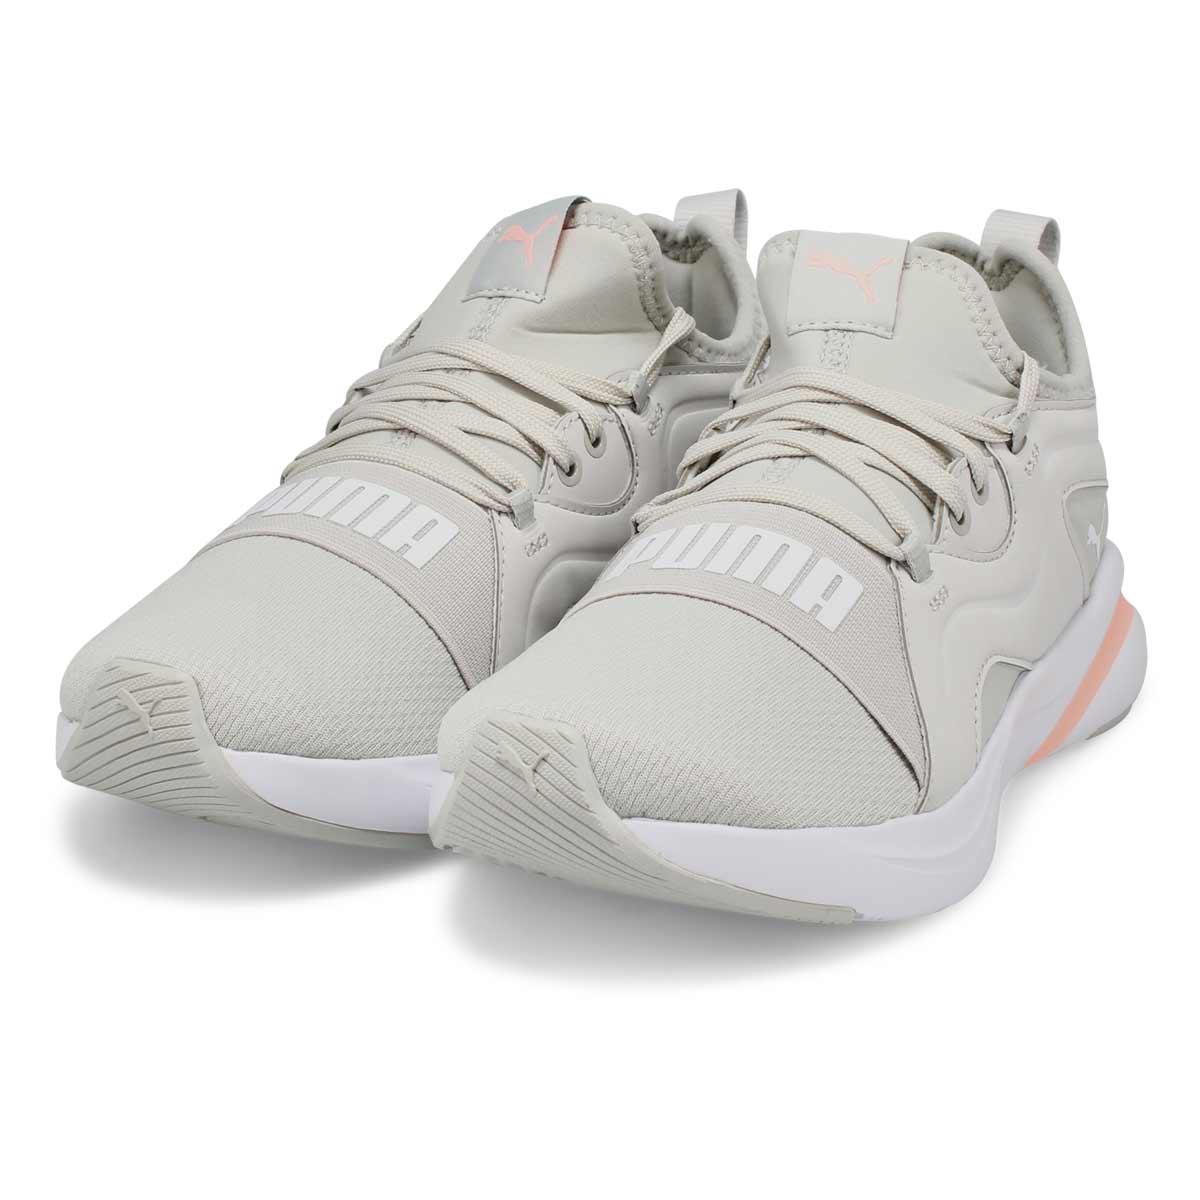 Women's Softride Rift Breeze Sneaker - Grey/Peach